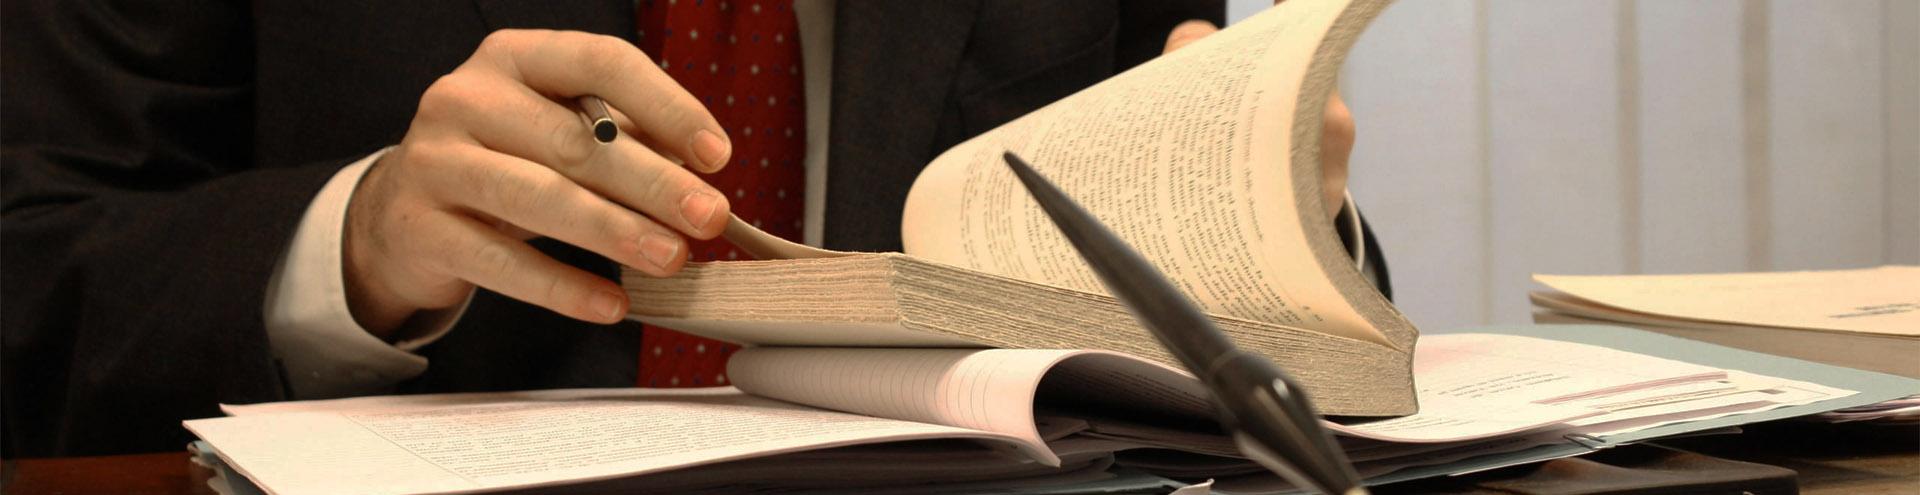 юридические услуги в Липецке